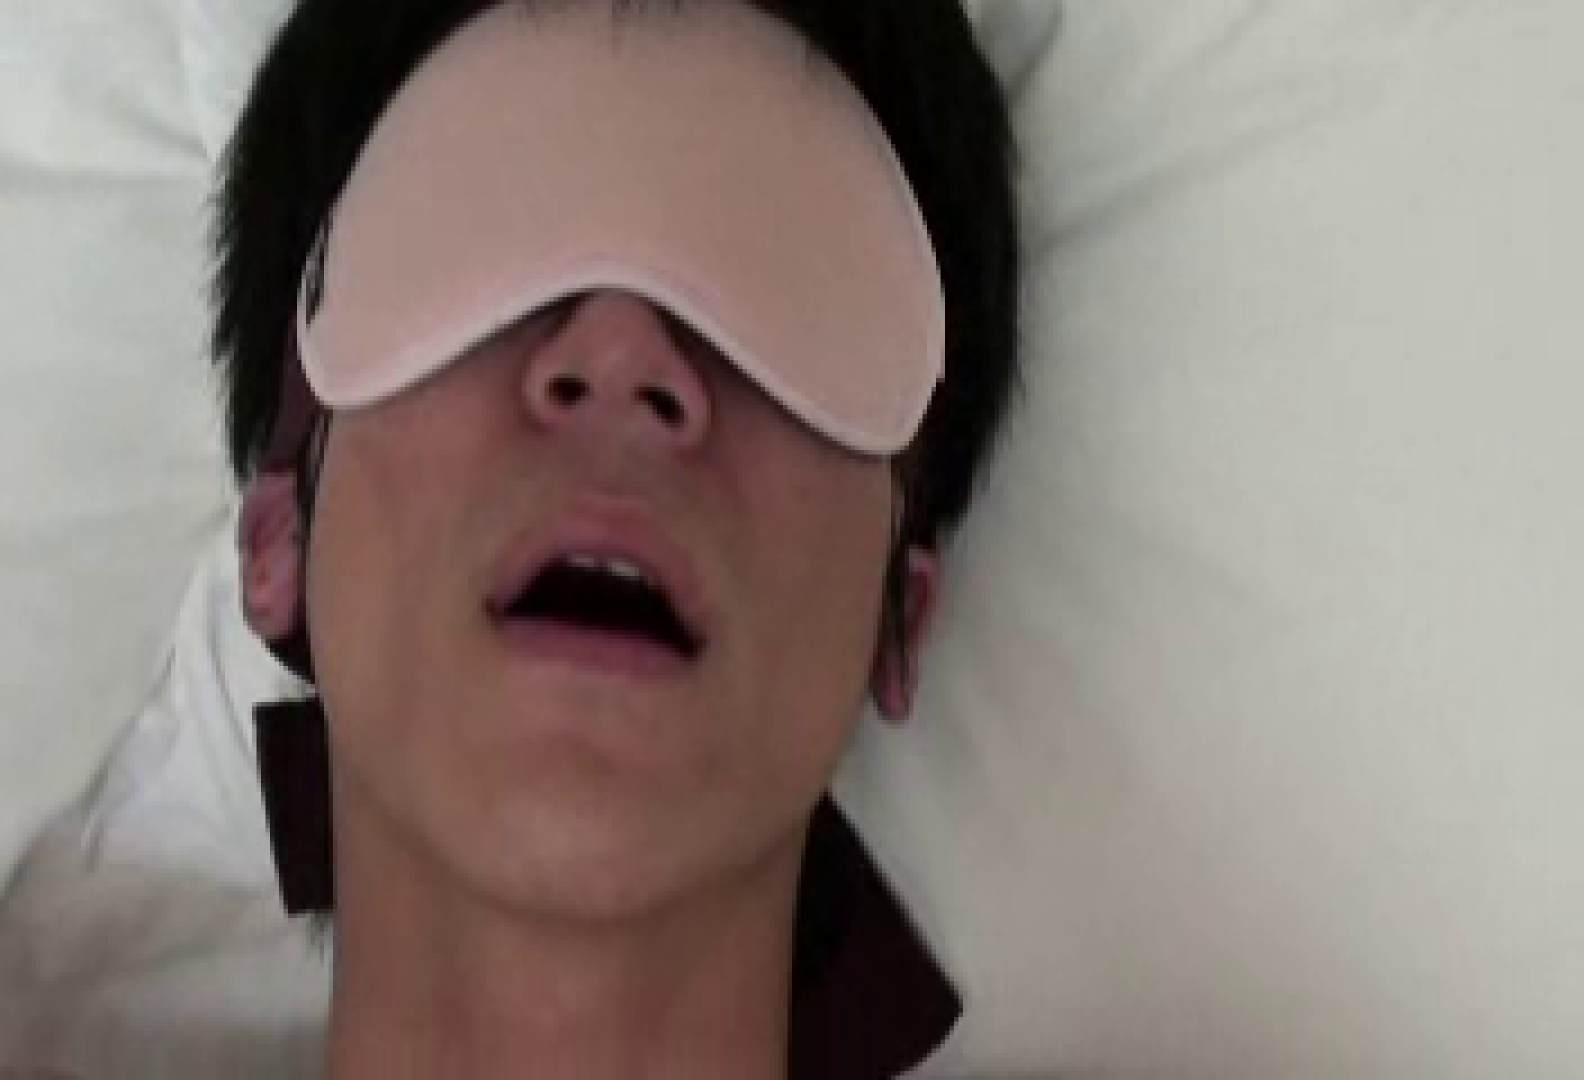 アイマスクでおもいっきり性感帯!!vol.03 ハメ撮り ゲイエロビデオ画像 81枚 2